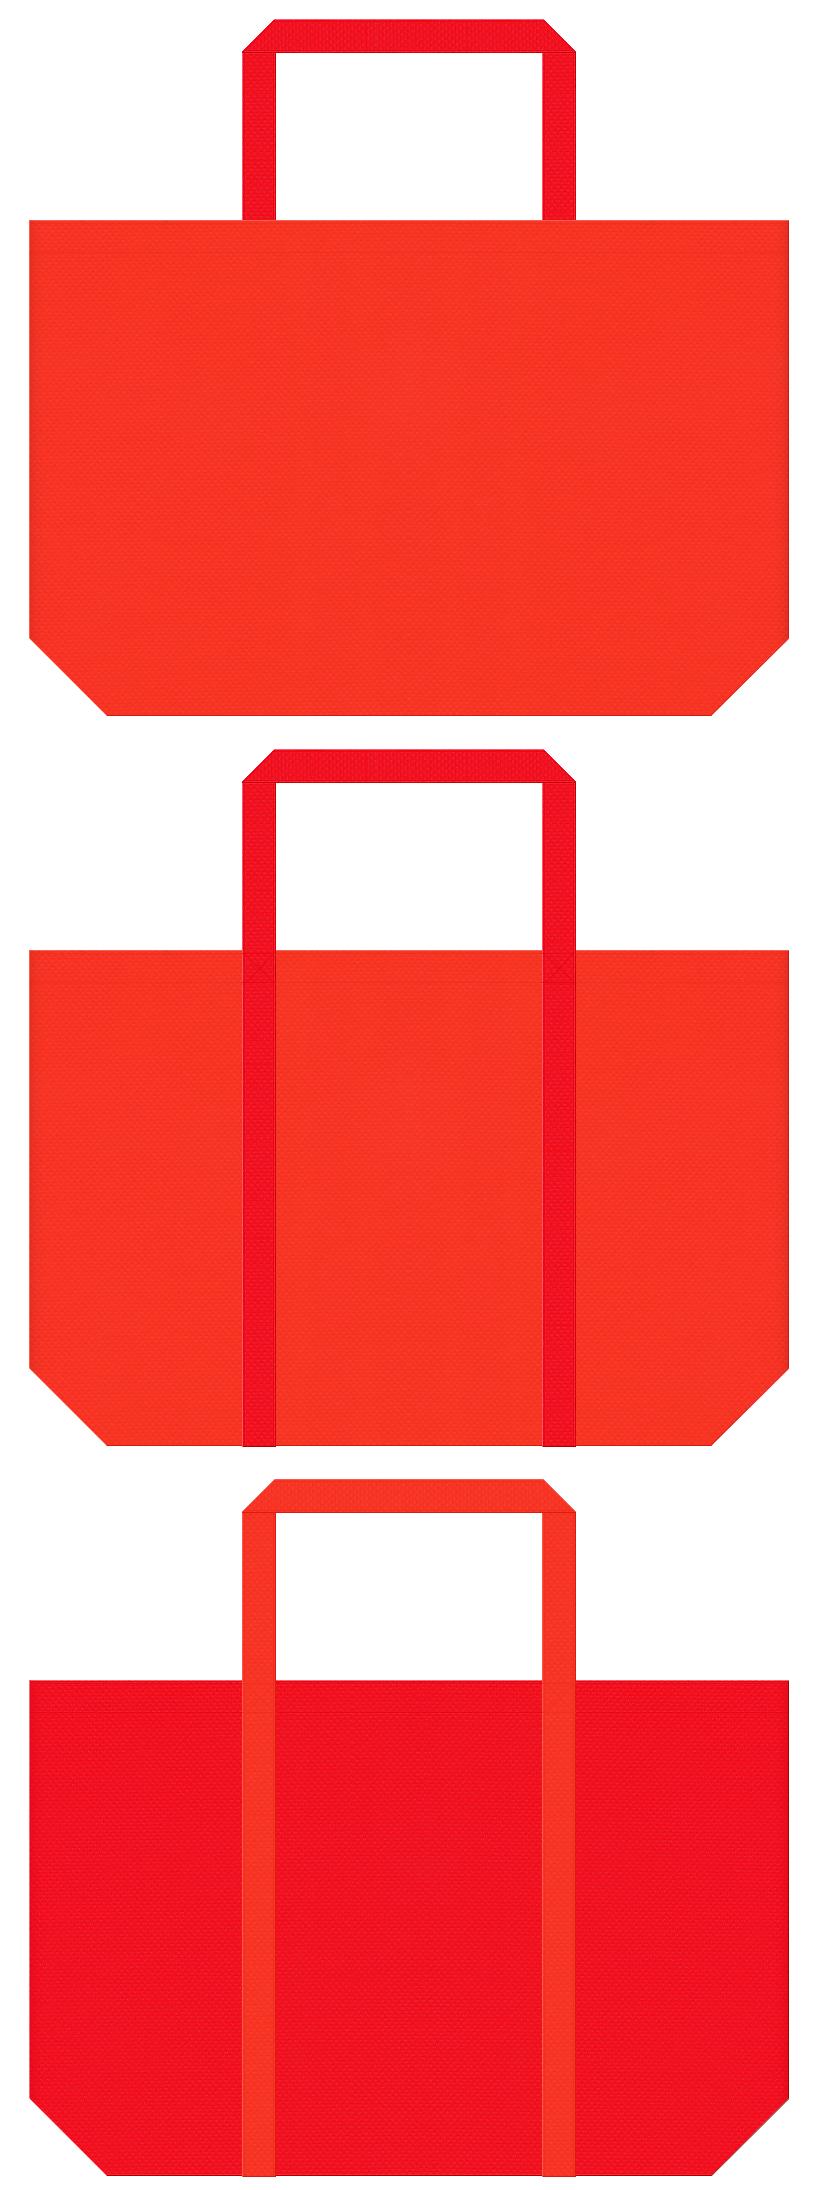 オレンジ色と赤色の不織布ショッピングバッグデザイン。